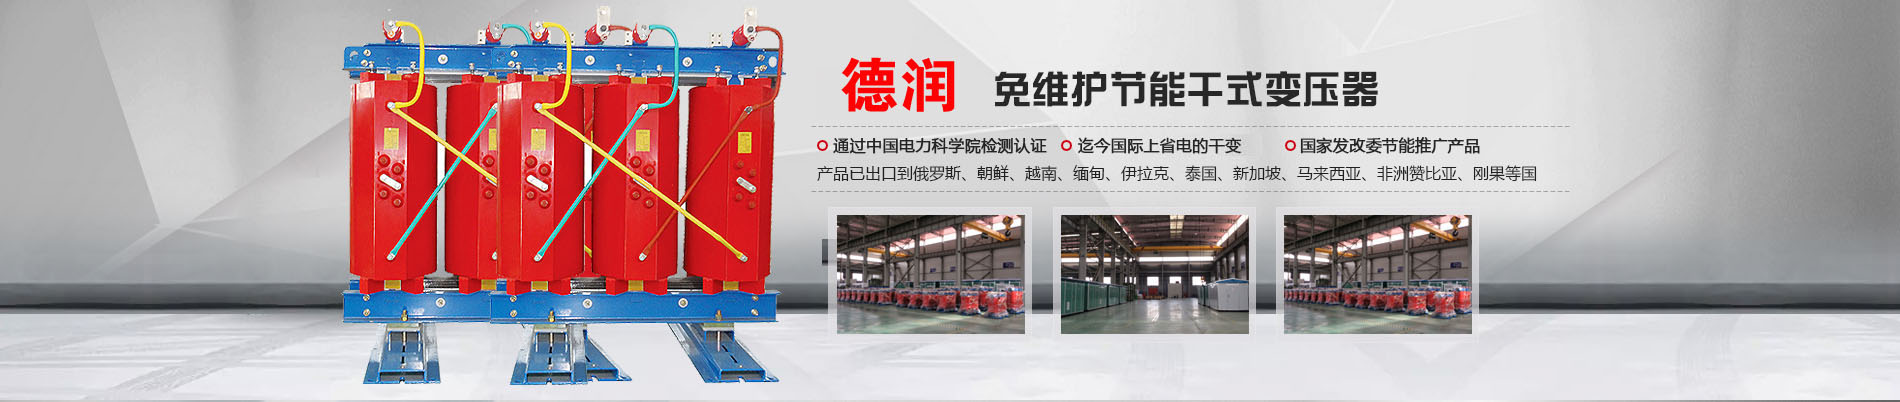 绥化干式变压器厂家